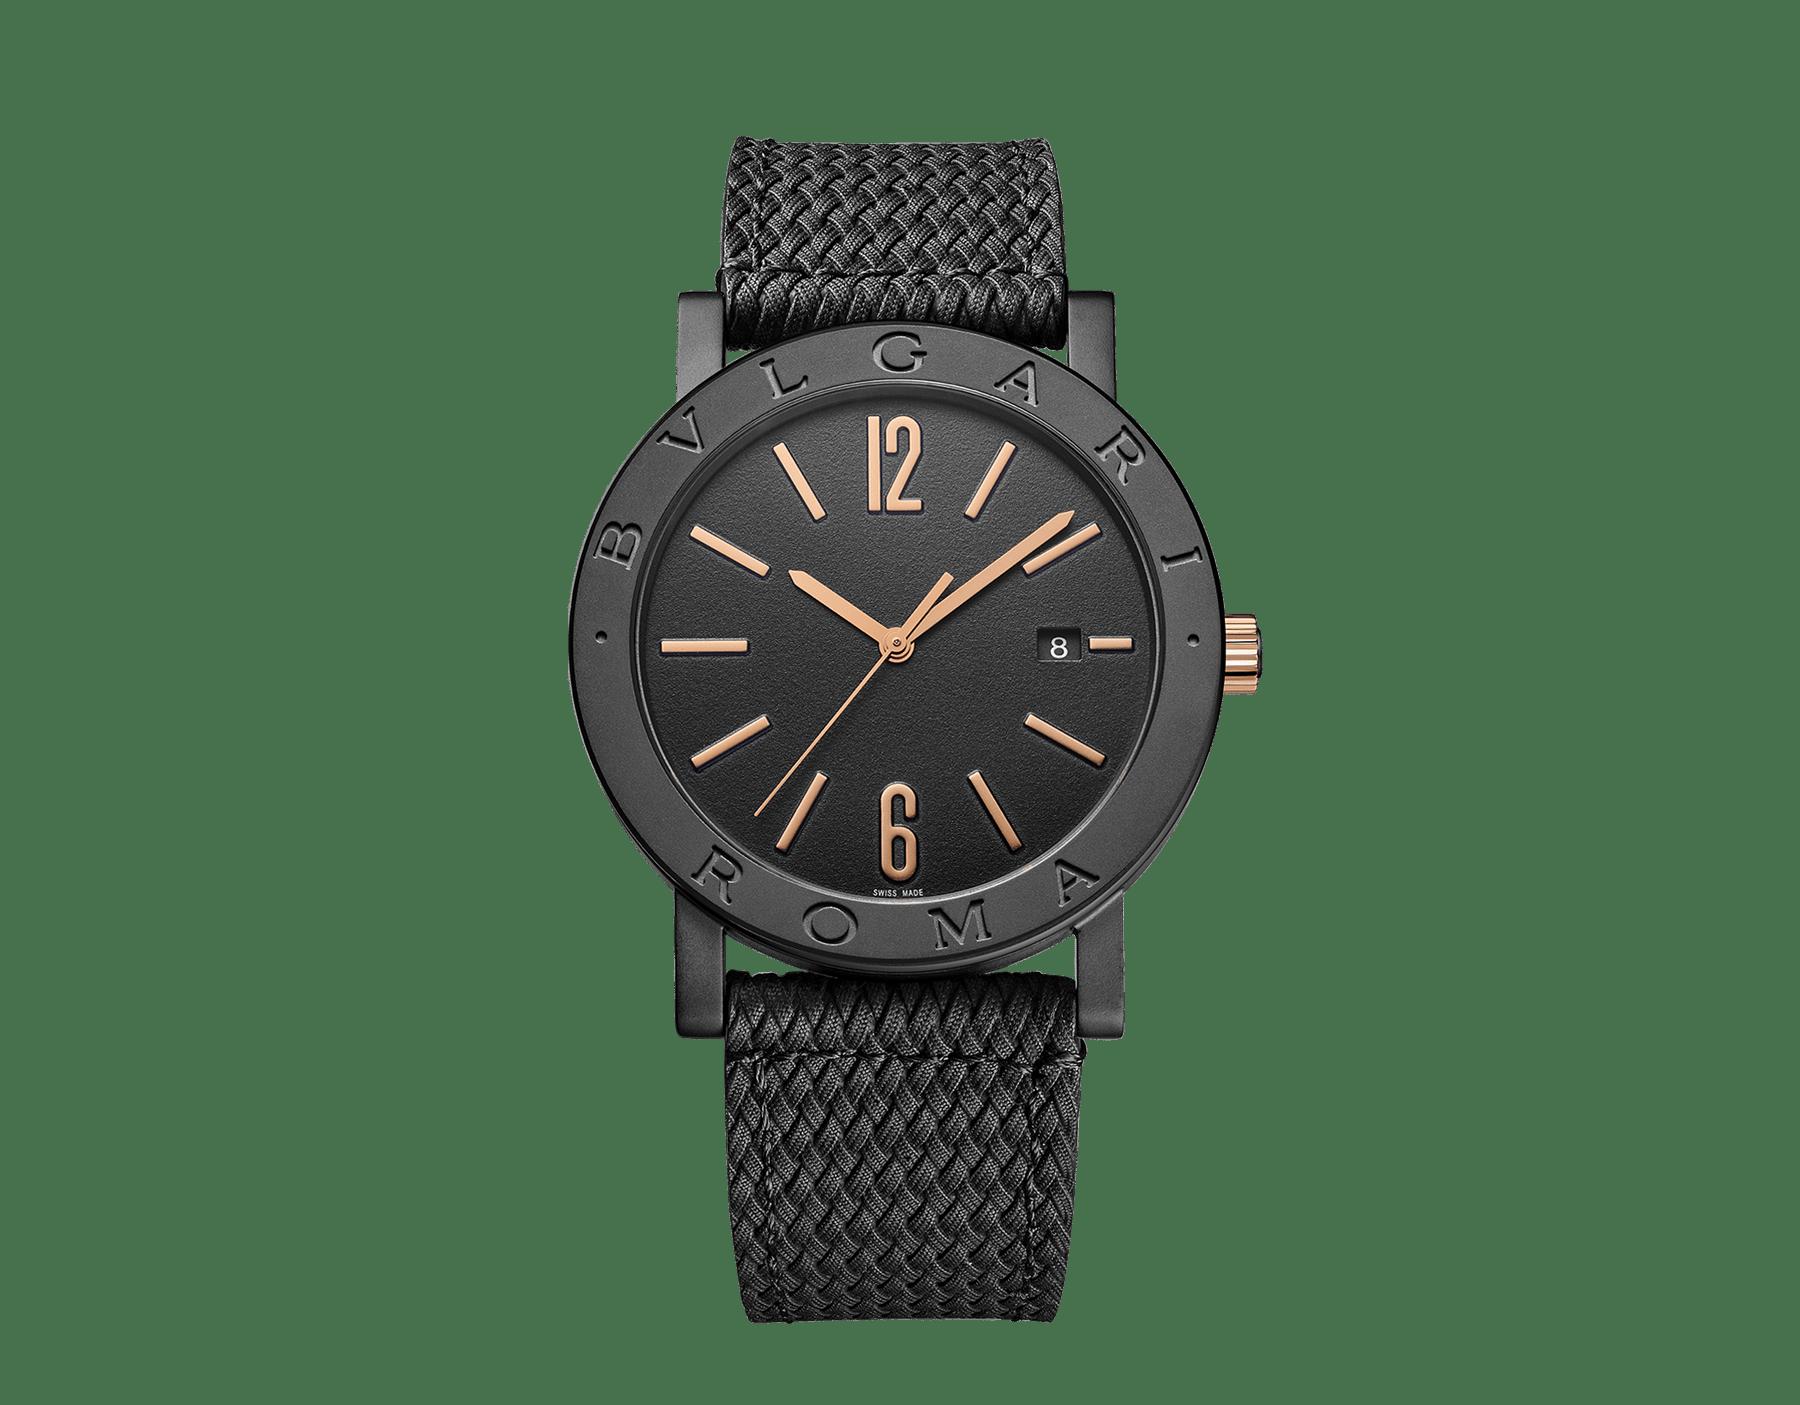 """ساعة """"بولغري بولغري سيتيز سبيشل إيديشن، ROMA"""" بآلية حركة ميكانيكية مصنّعة من قبل بولغري، تعبئة أوتوماتيكية، آلية BVL 191.، علبة الساعة من الفولاذ المعالج بالكربون الأسود الشبيه بالألماس مع نقش """"BVLGARI ROMA"""" على إطار الساعة، غطاء خلفي شفاف، ميناء مطلي بالمينا الأسود الخشن ومؤشرات الساعة من الذهب الوردي، سوار من جلد العجل البني، وسوار قابل للتبديل من المطاط الأسود. 103219 image 2"""